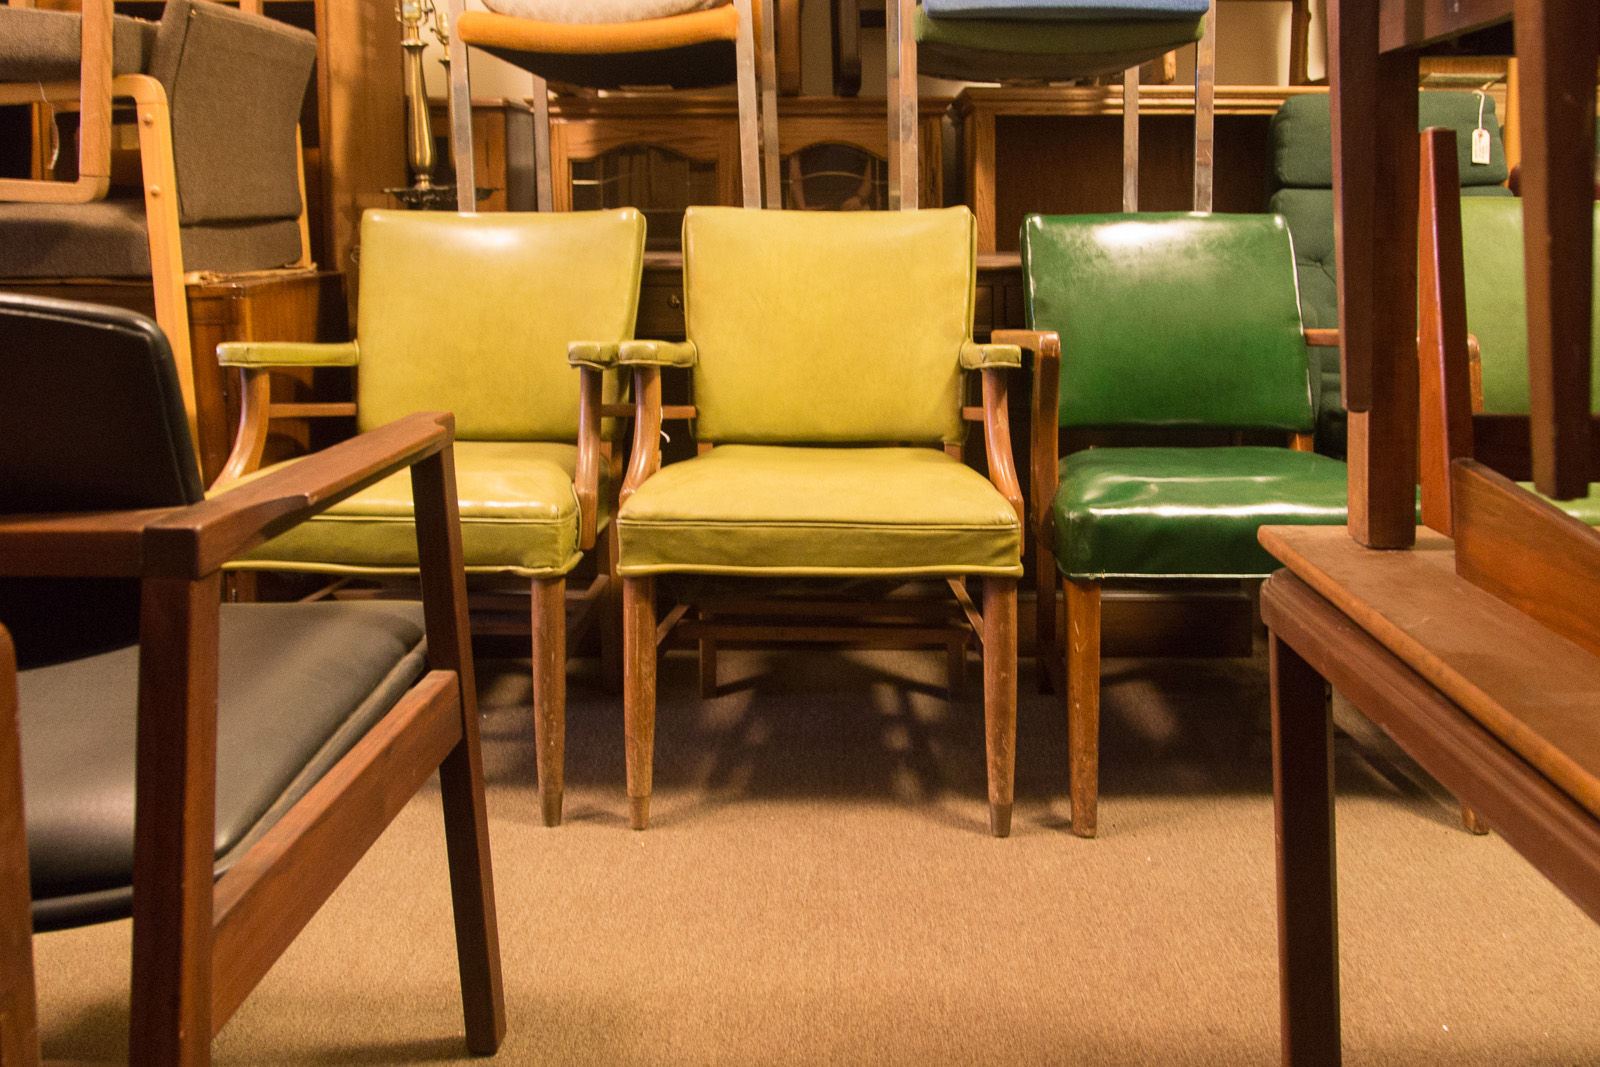 acme_furniture-8.jpg